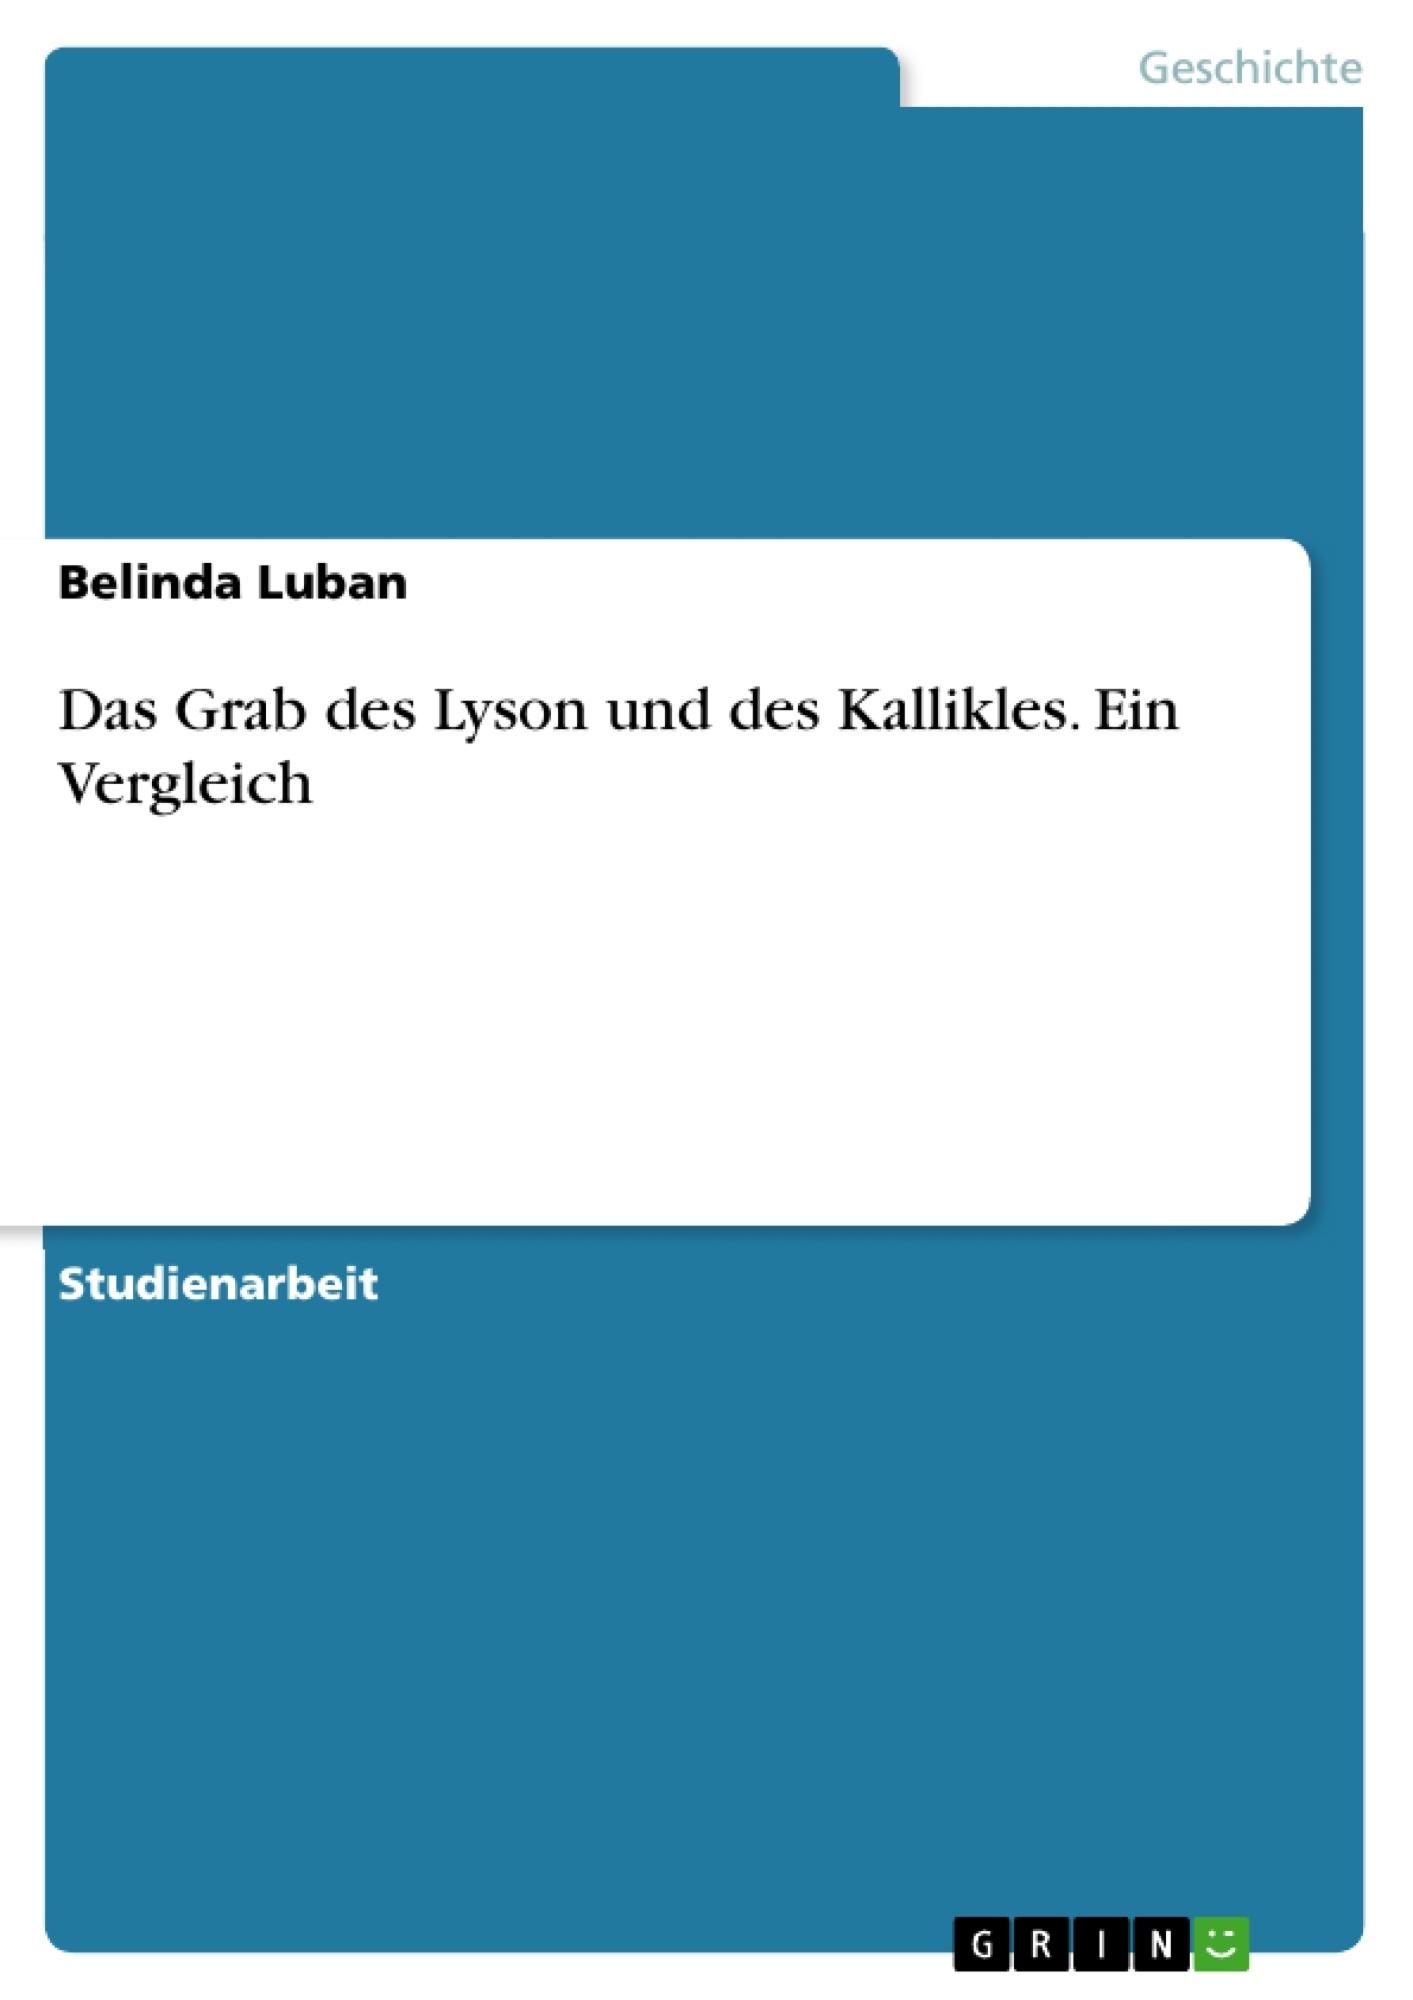 Titel: Das Grab des Lyson und des Kallikles. Ein Vergleich